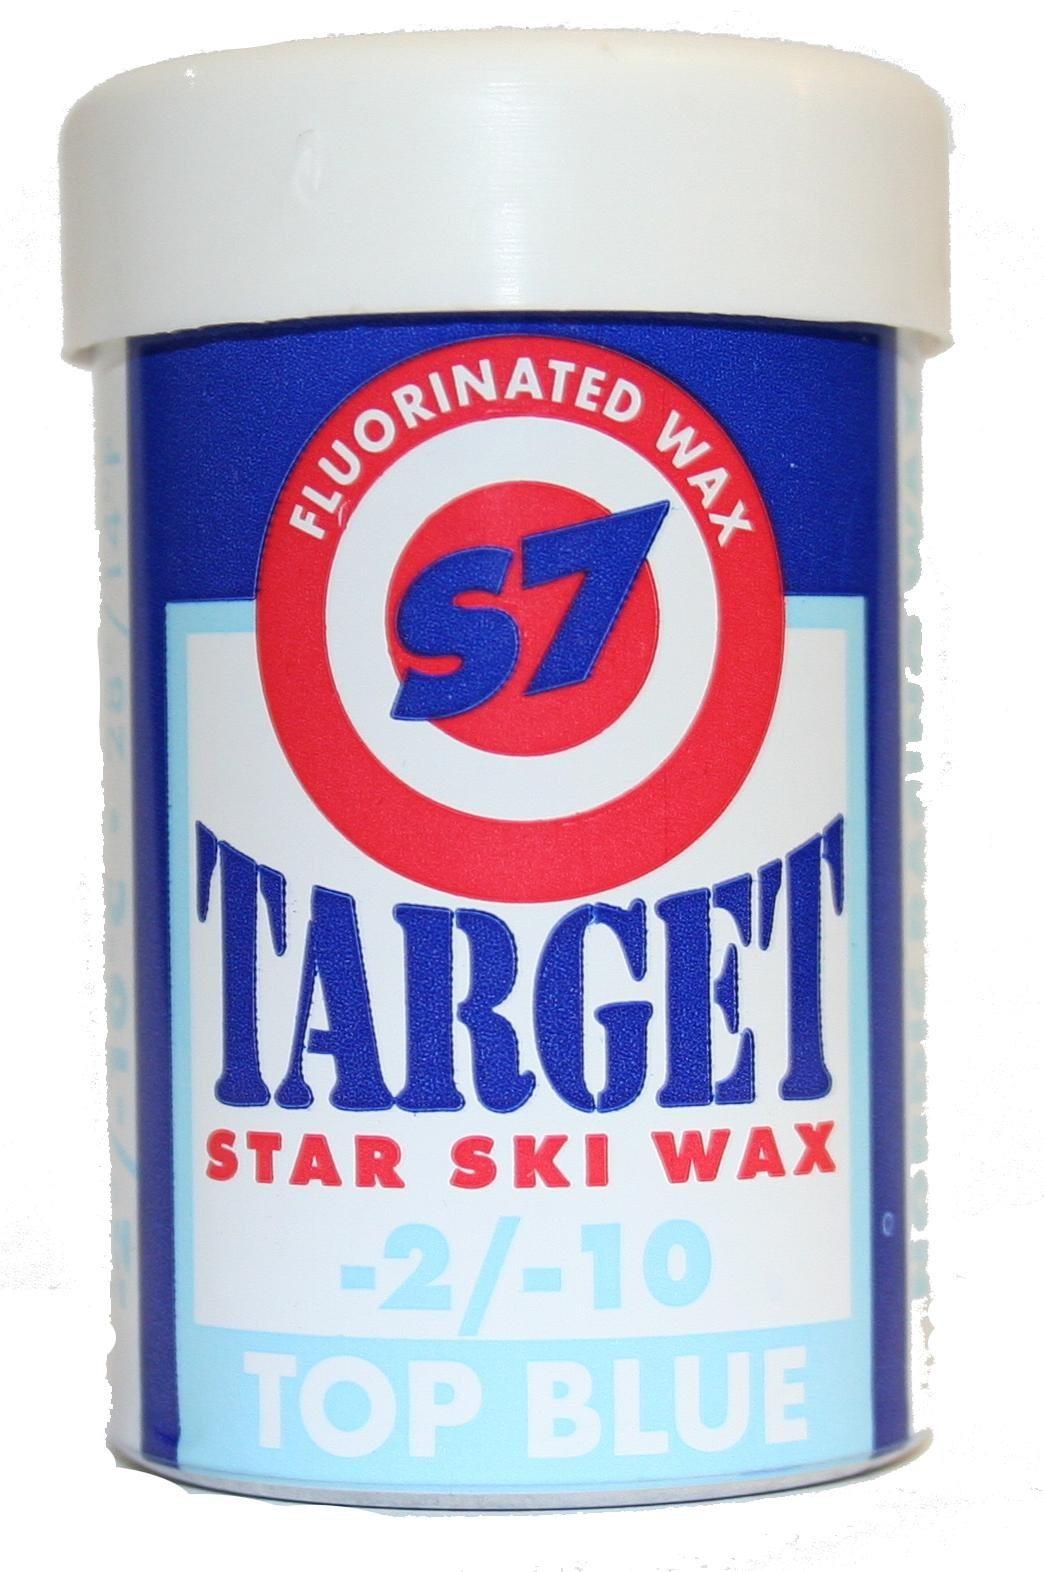 Star Top blå fluorfestevoks -2 - -10 C